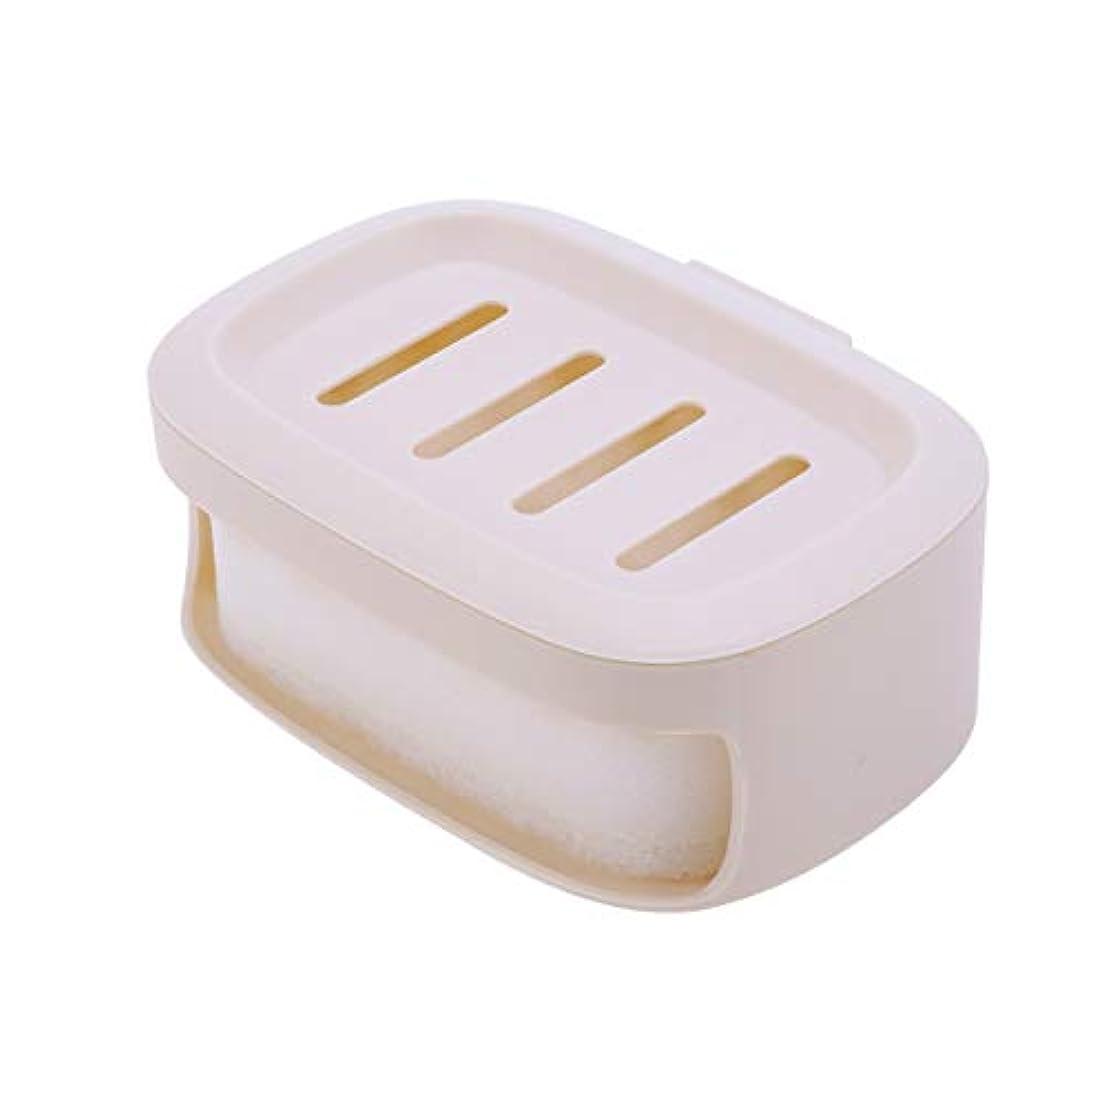 イーウェルテメリティエンターテインメントHEALIFTY ソープボックス防水ソープコンテナ浴室ソープ収納ケースソープホルダー(カーキ)